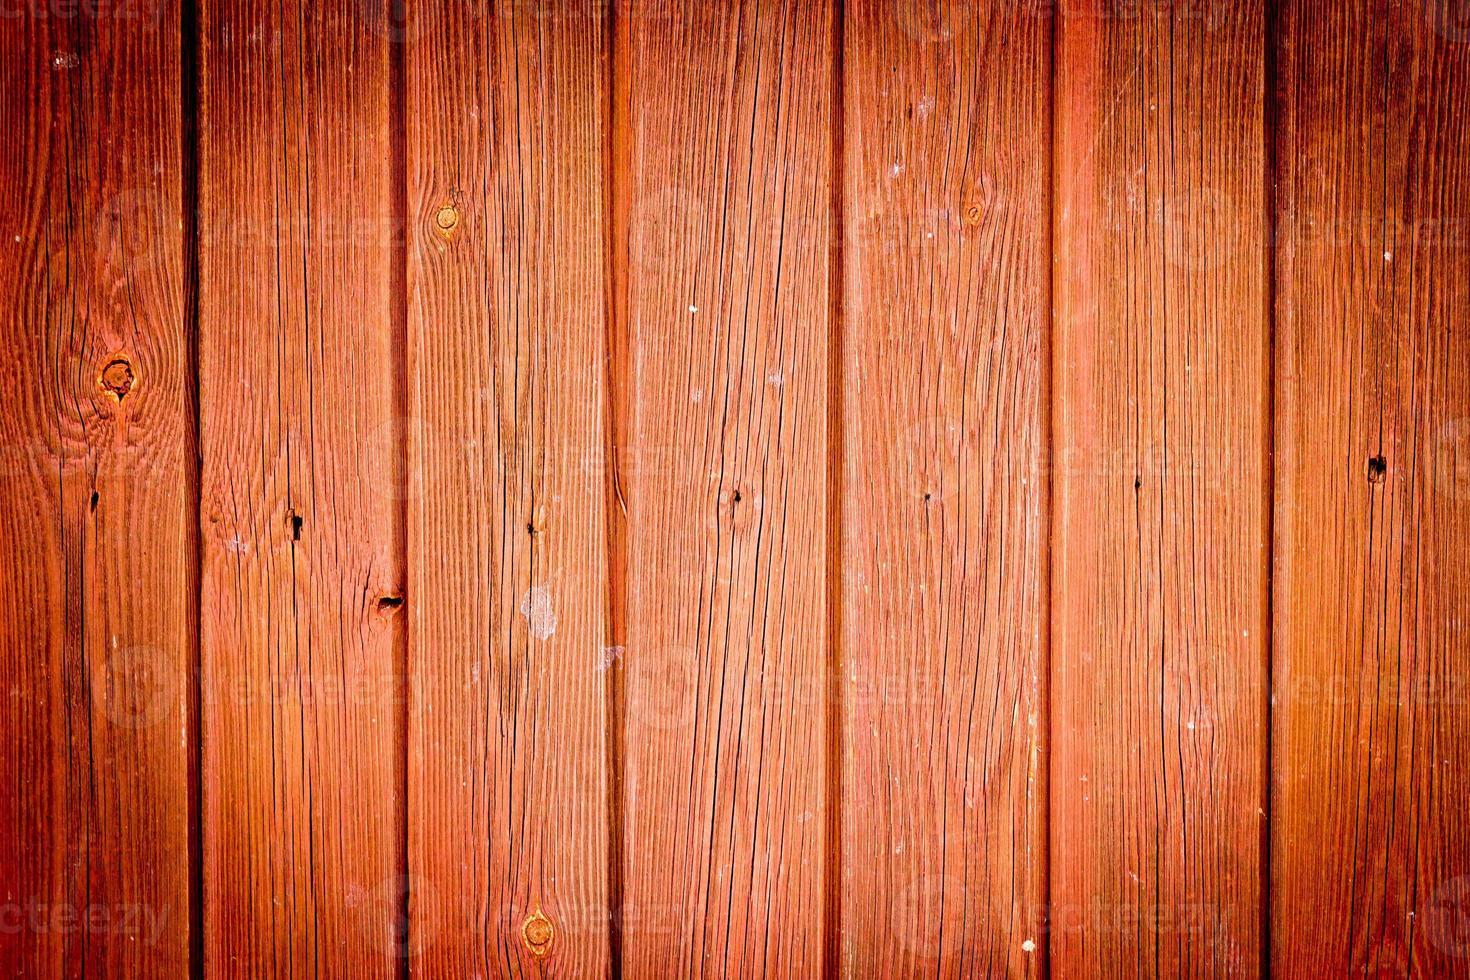 la textura de madera con patrones naturales foto